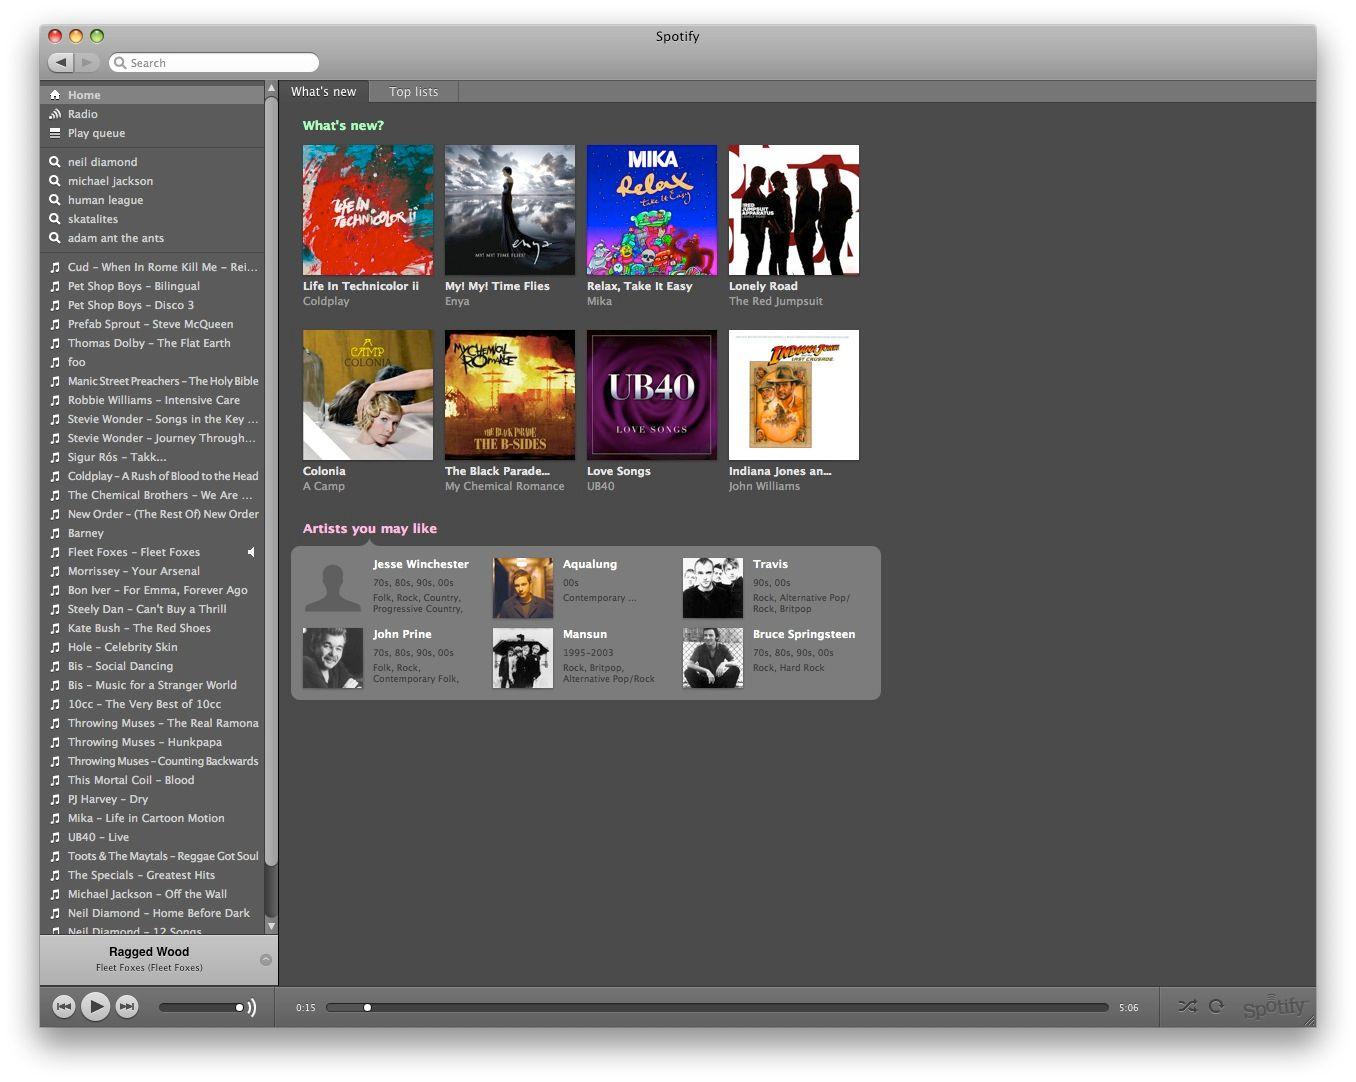 spotify-screenshot 14406949672 o